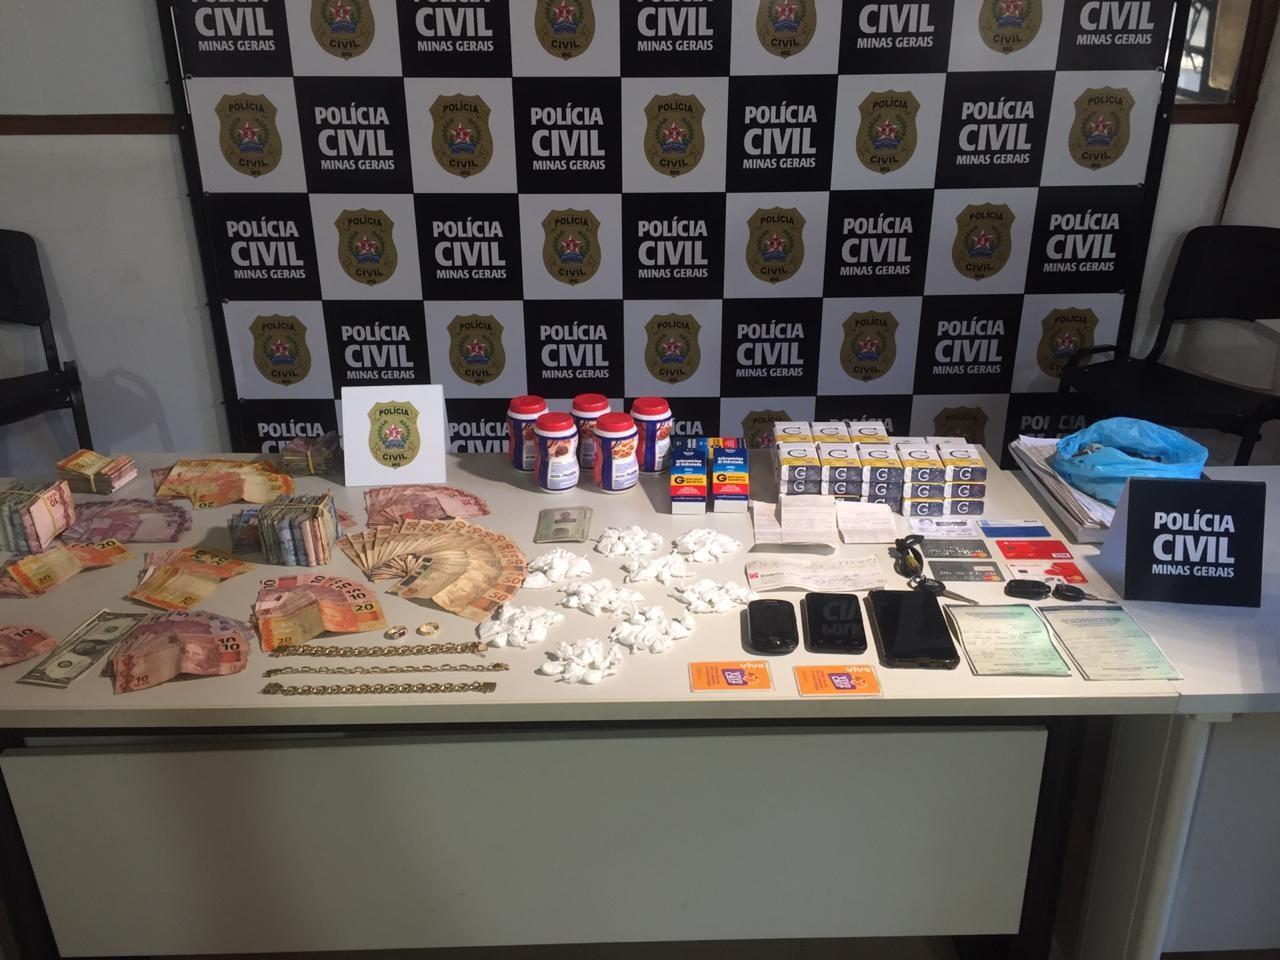 Homem é preso com papelotes de cocaína e quase R$ 5 mil em dinheiro em Juiz de Fora  - Notícias - Plantão Diário